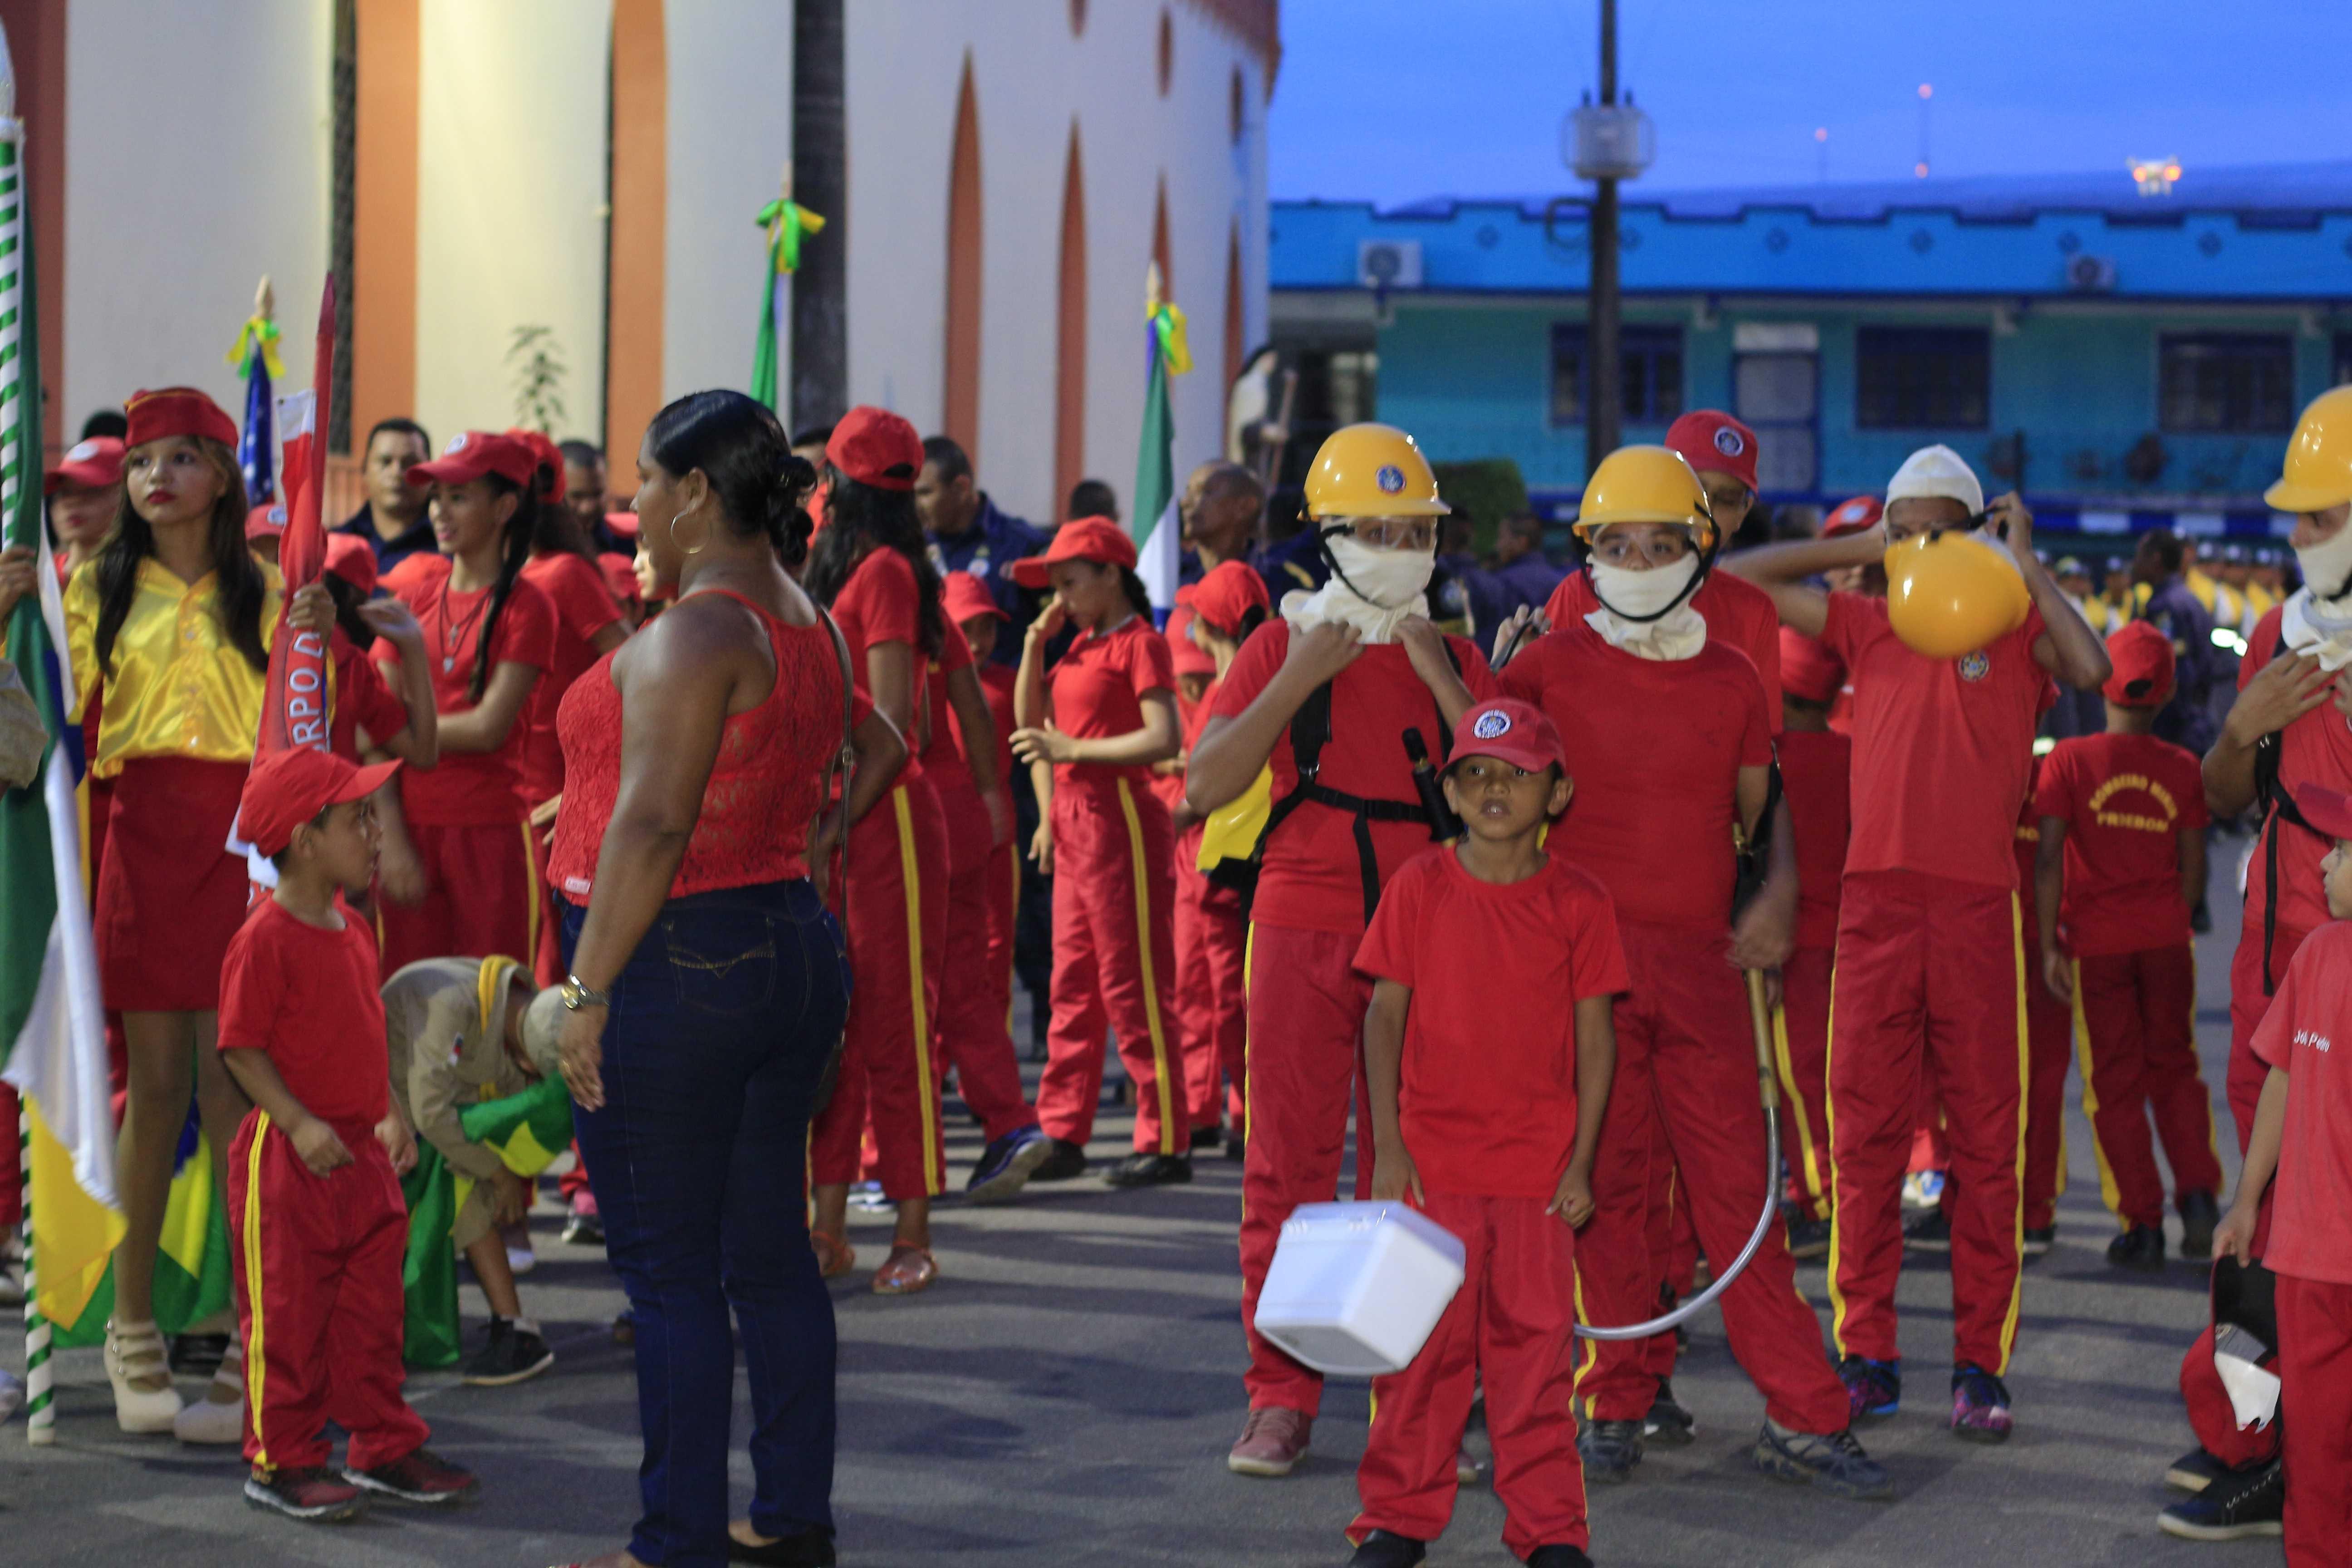 Desfile cívico de 7 de setembro em Tefé reúne centenas de pessoas - Imagem: No Amazonas é Assim